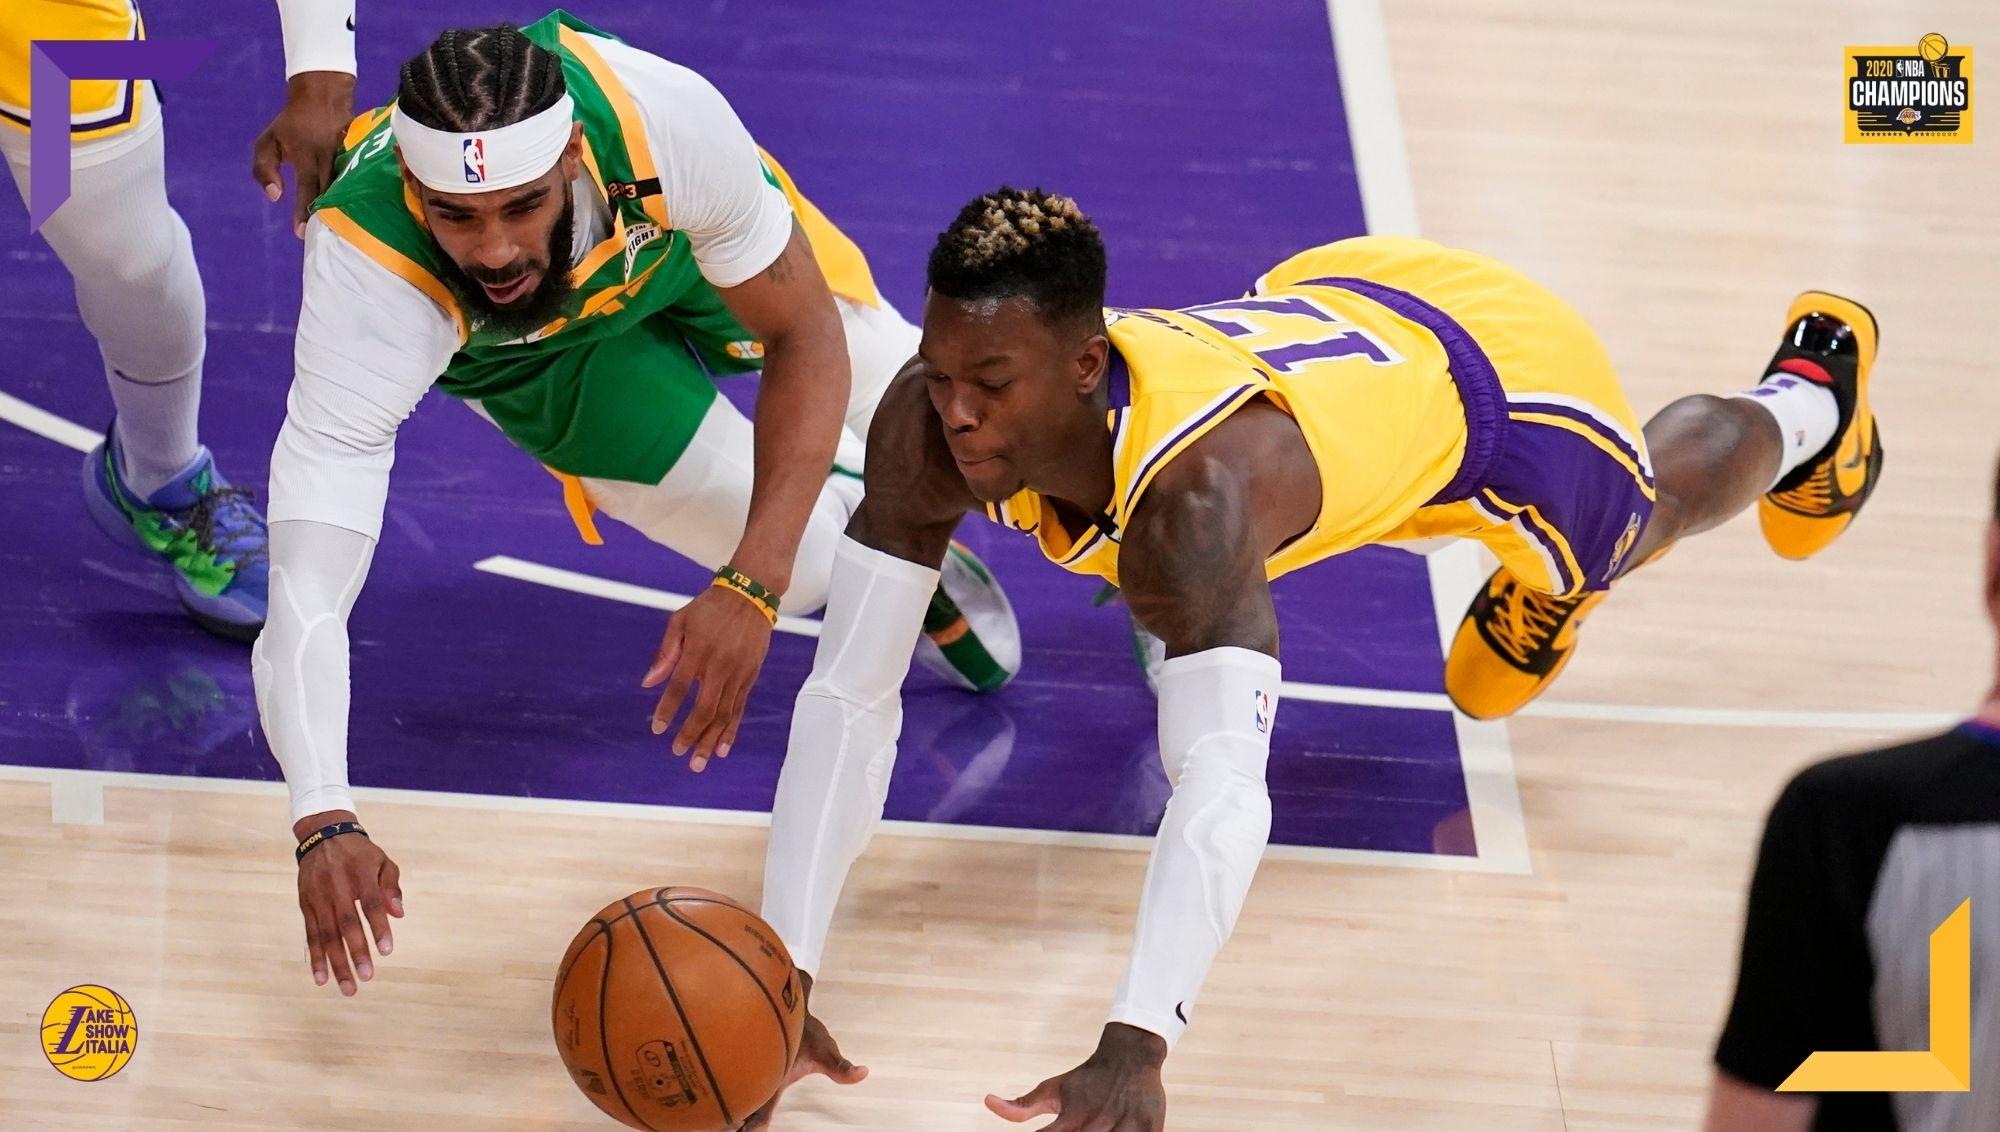 Gli Utah Jazz ritrovano gli assenti e infliggono una sonora lezione ai Los Angeles Lakers. Talen Horton-Tucker unica luce per i Gialloviola.